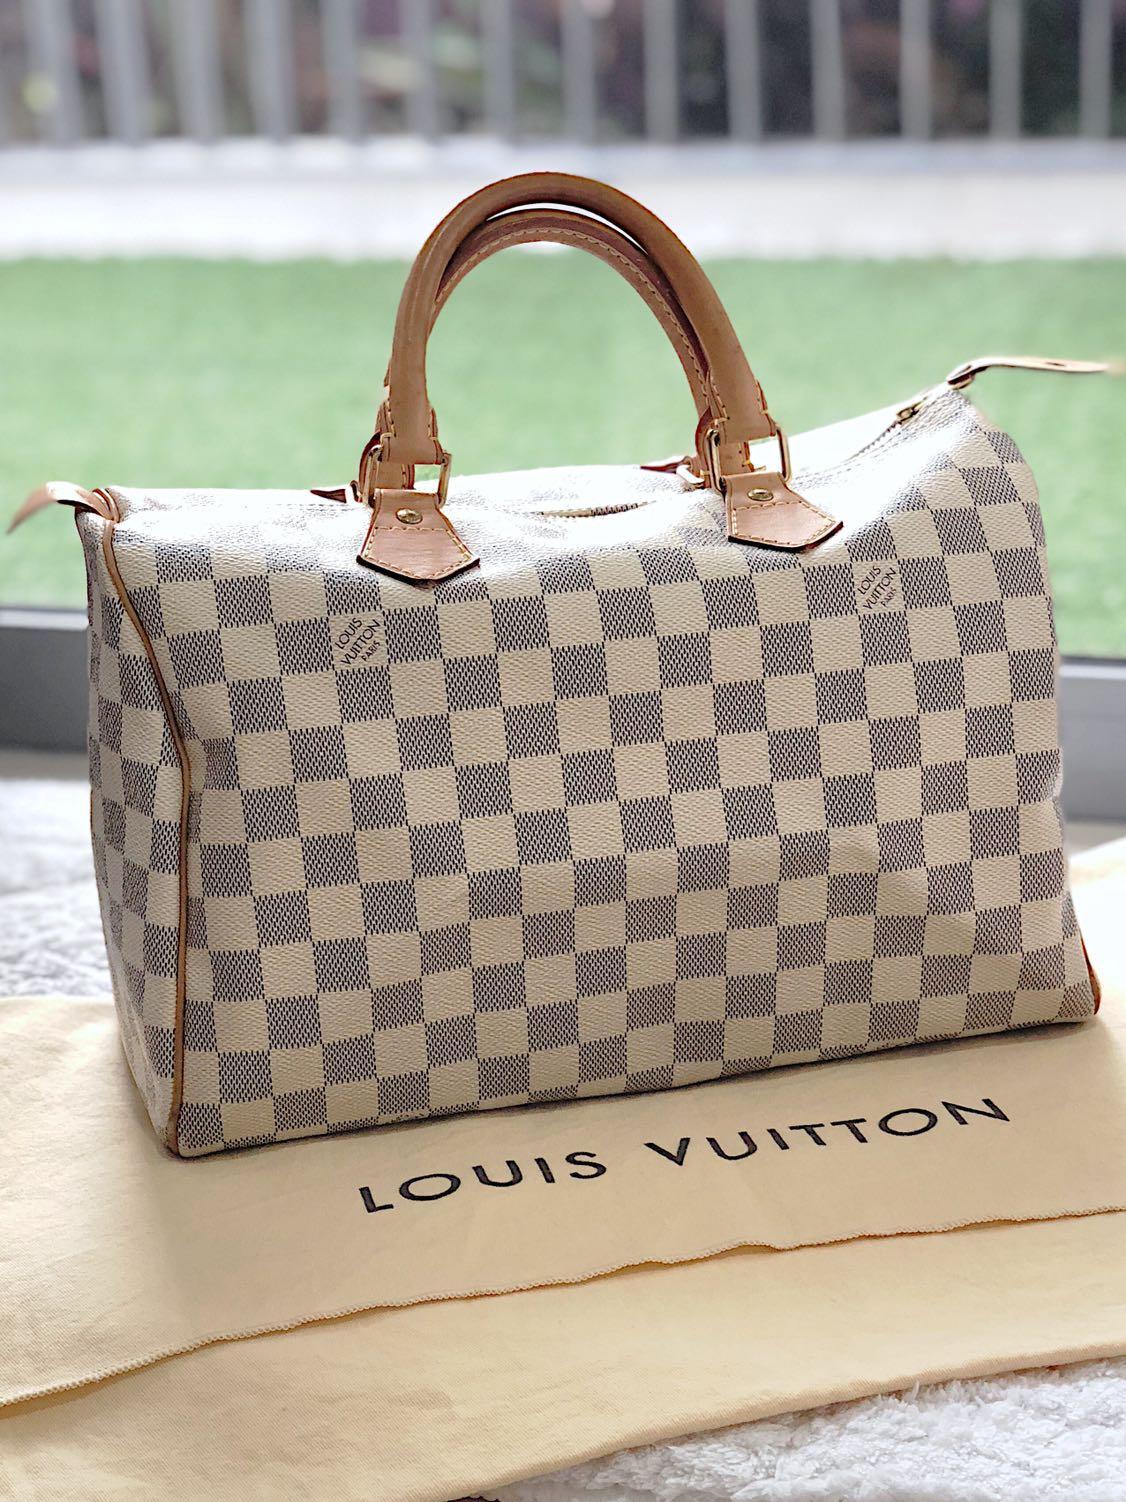 59b90a789b7 Louis Vuitton Speedy 30 Damier Azur Canvas Tote, Women's Fashion ...